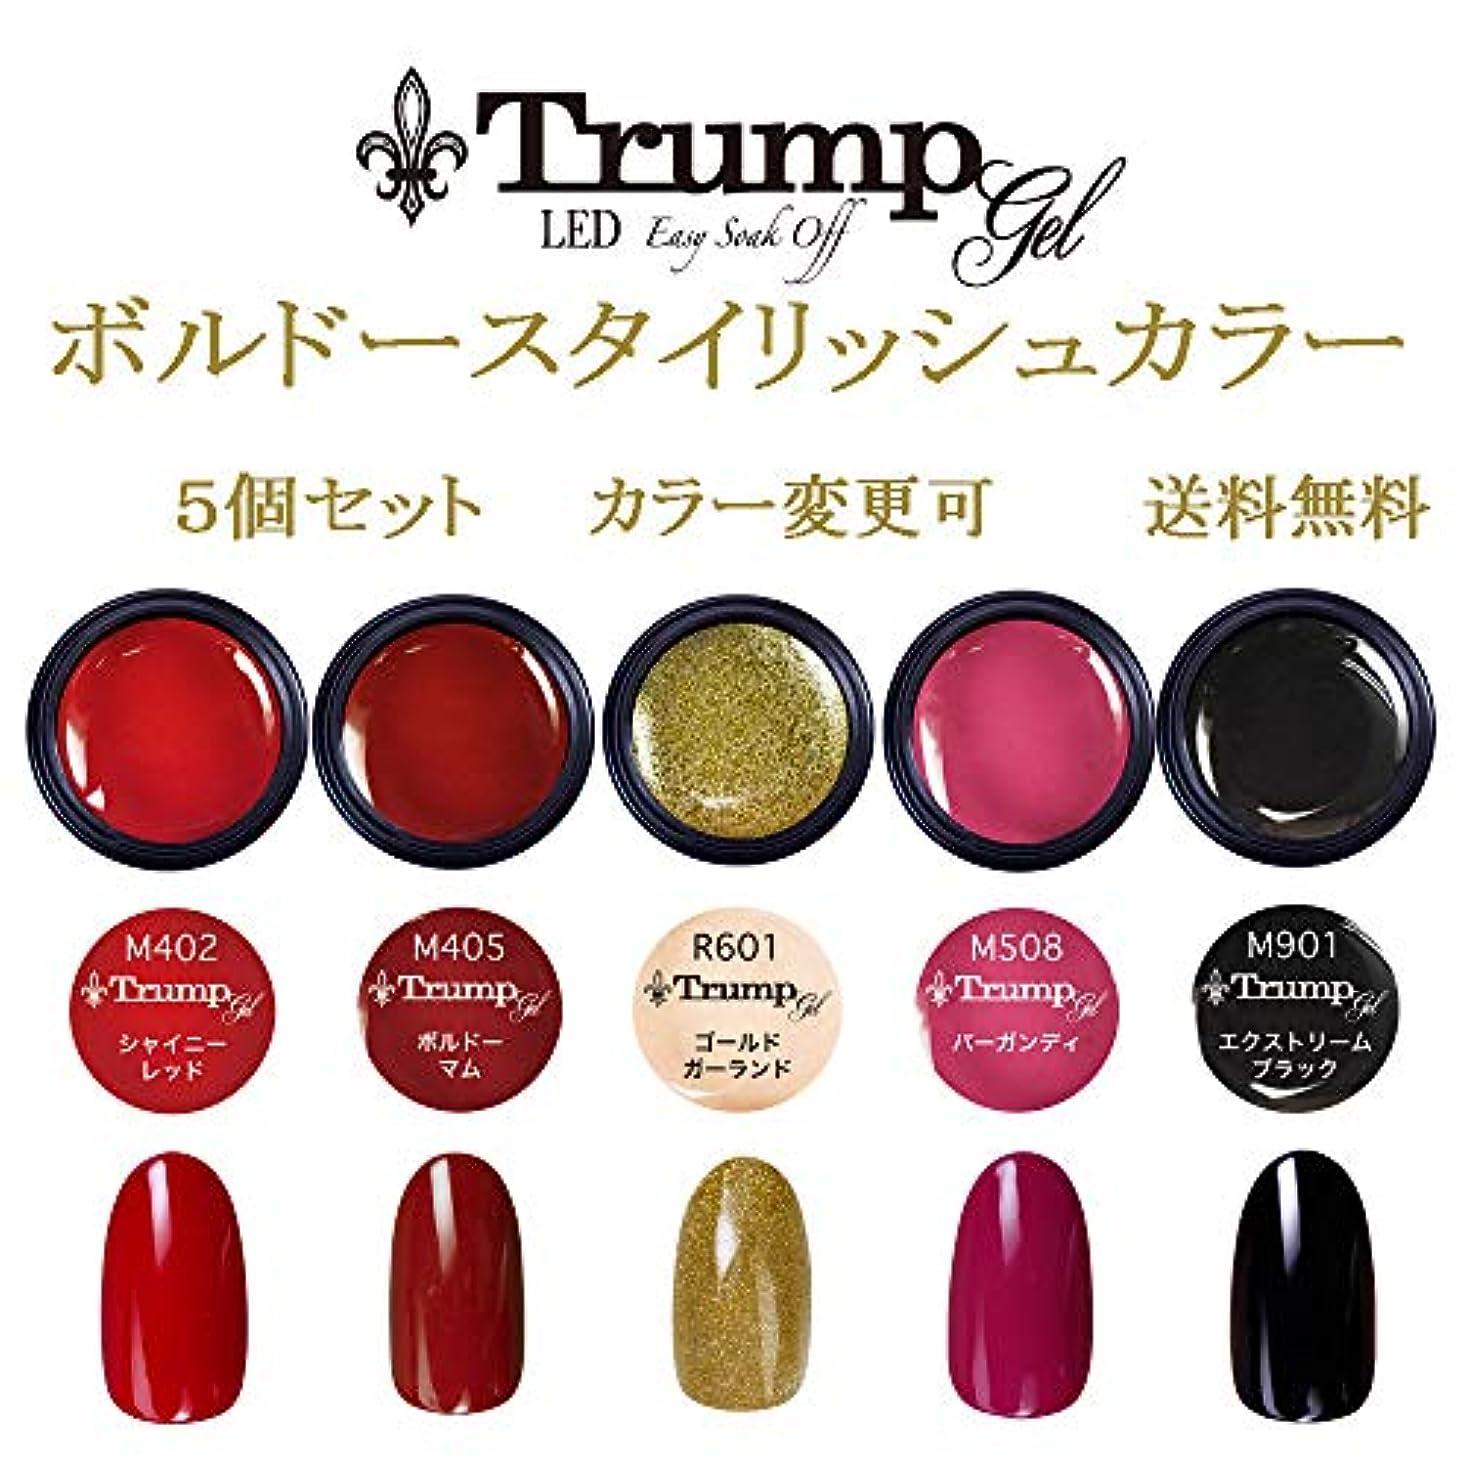 からかう支給違反する【送料無料】日本製 Trump gel ボルドースタイリッシュカラージェル5個セット ボルドーカラー スタイリッシュ クリスマス カラー